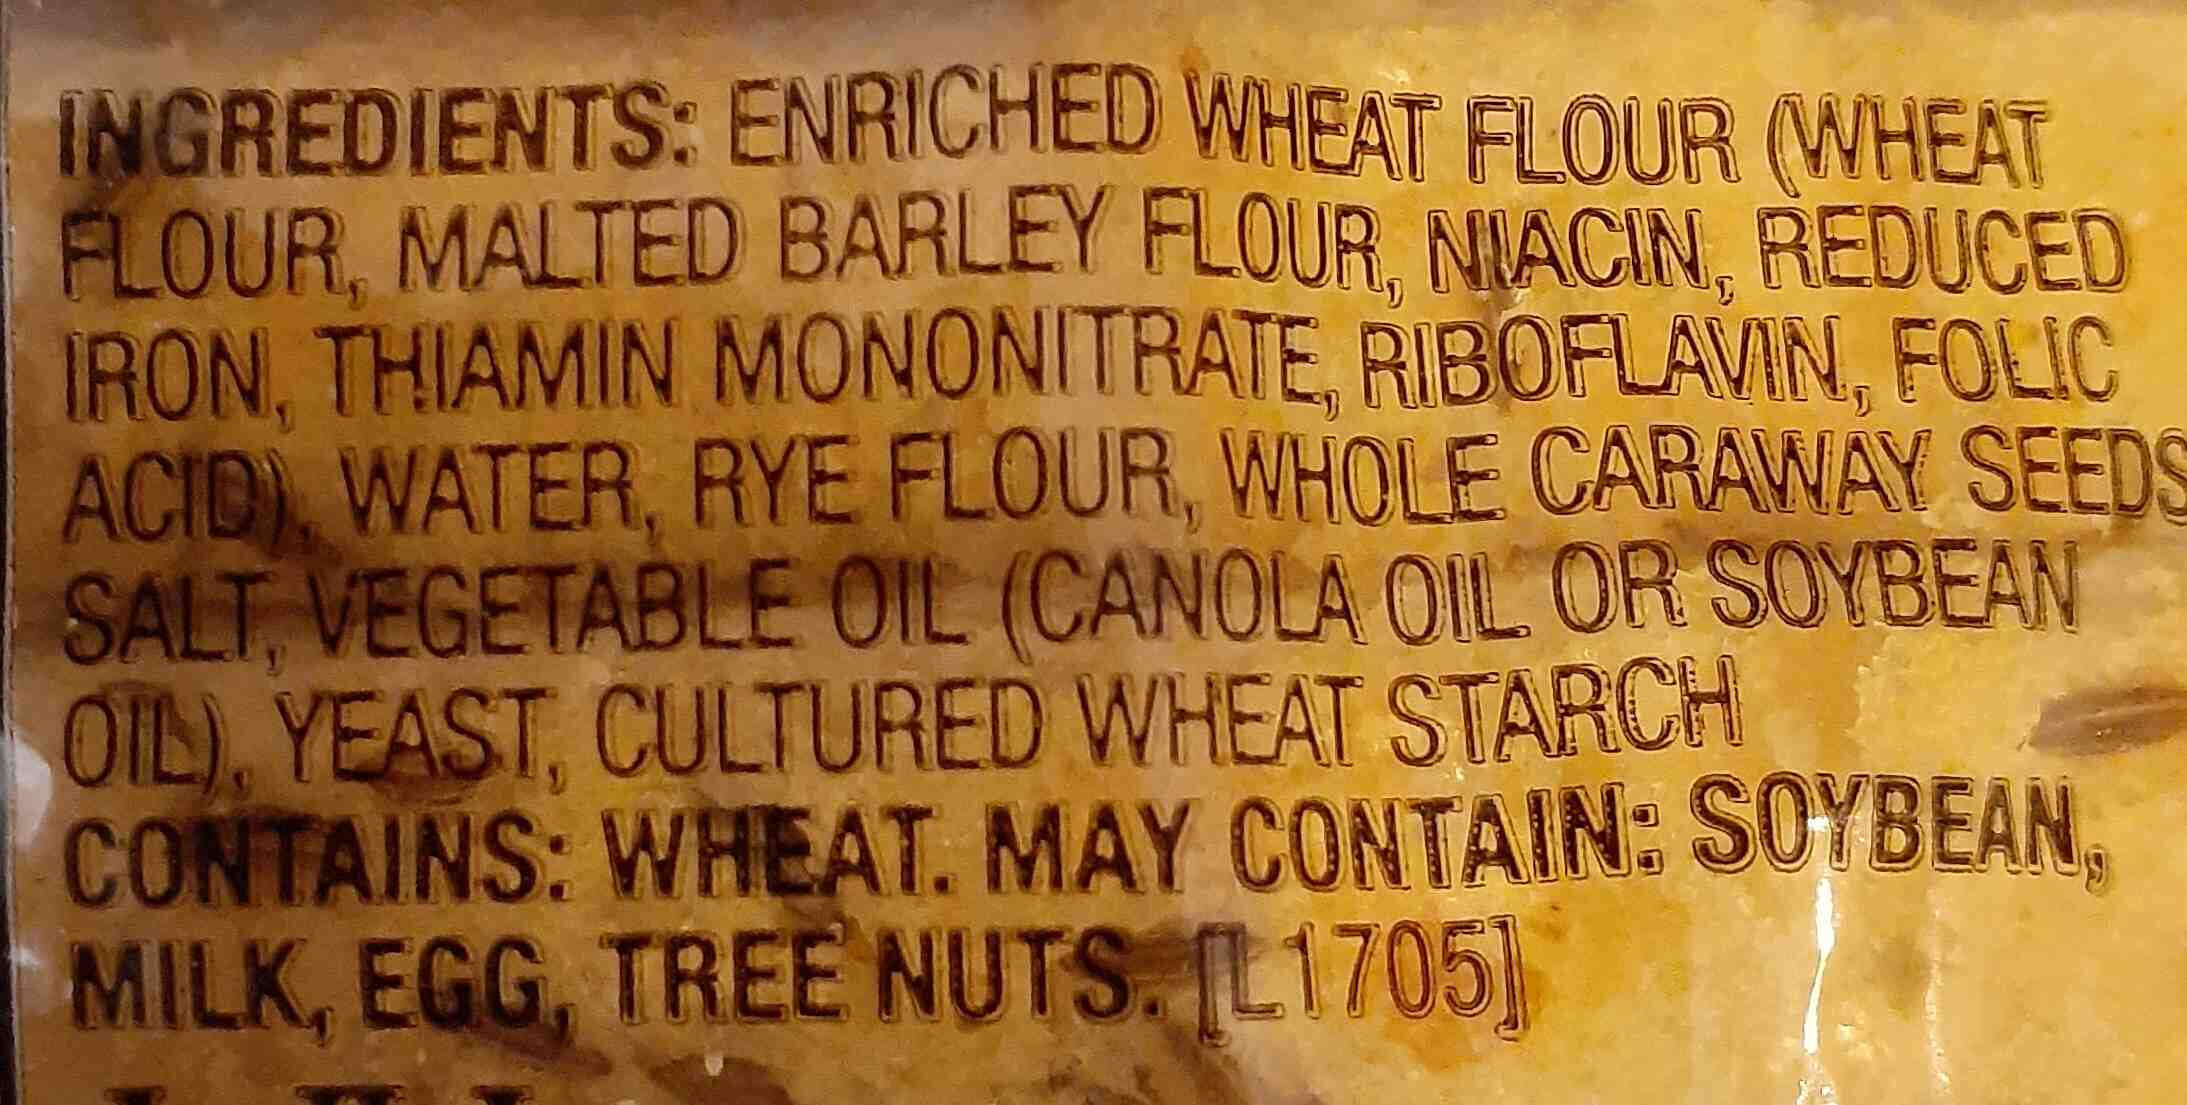 Goldminer Sourdough Seeded Rye Square Bread - Ingredients - en